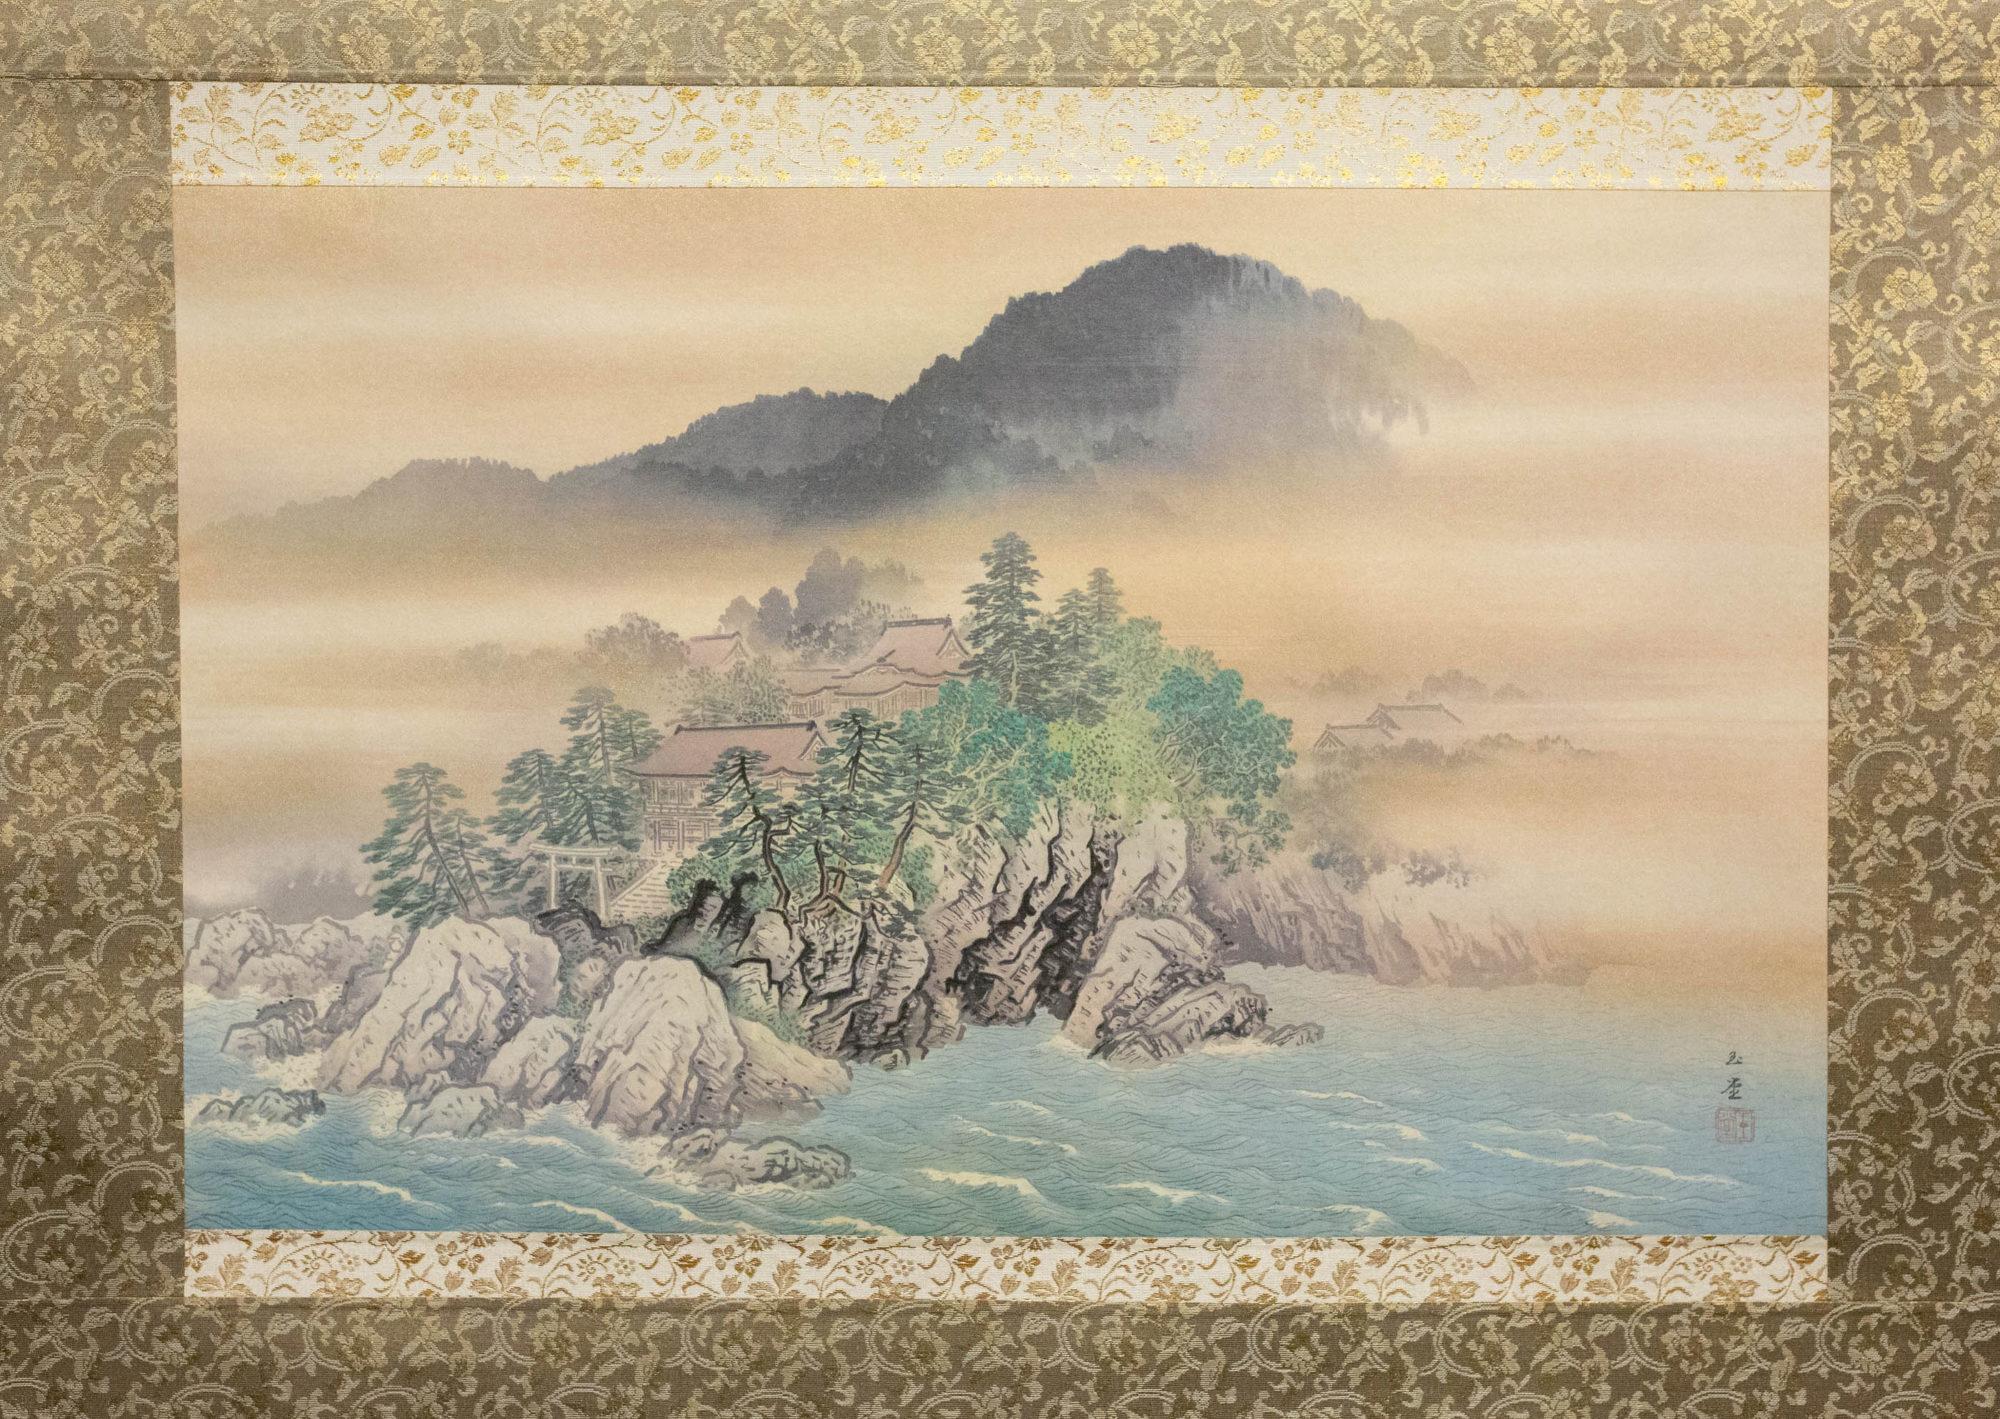 Japanese Scroll: Chikubu Shima (Chikubu Island)